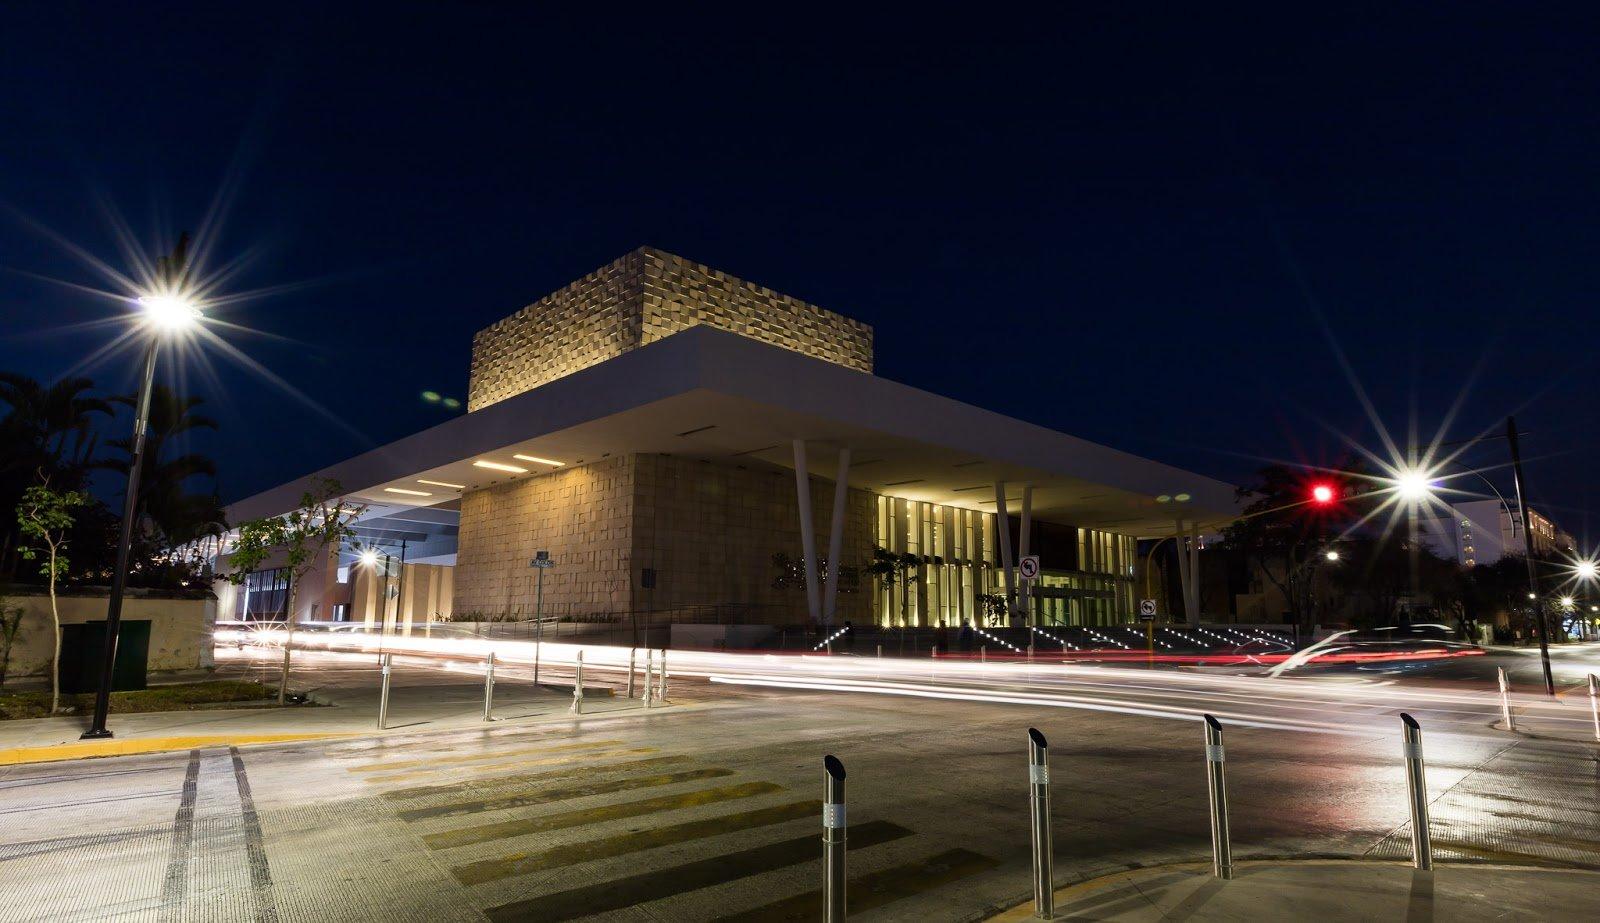 centro internacional de congresos yucatan